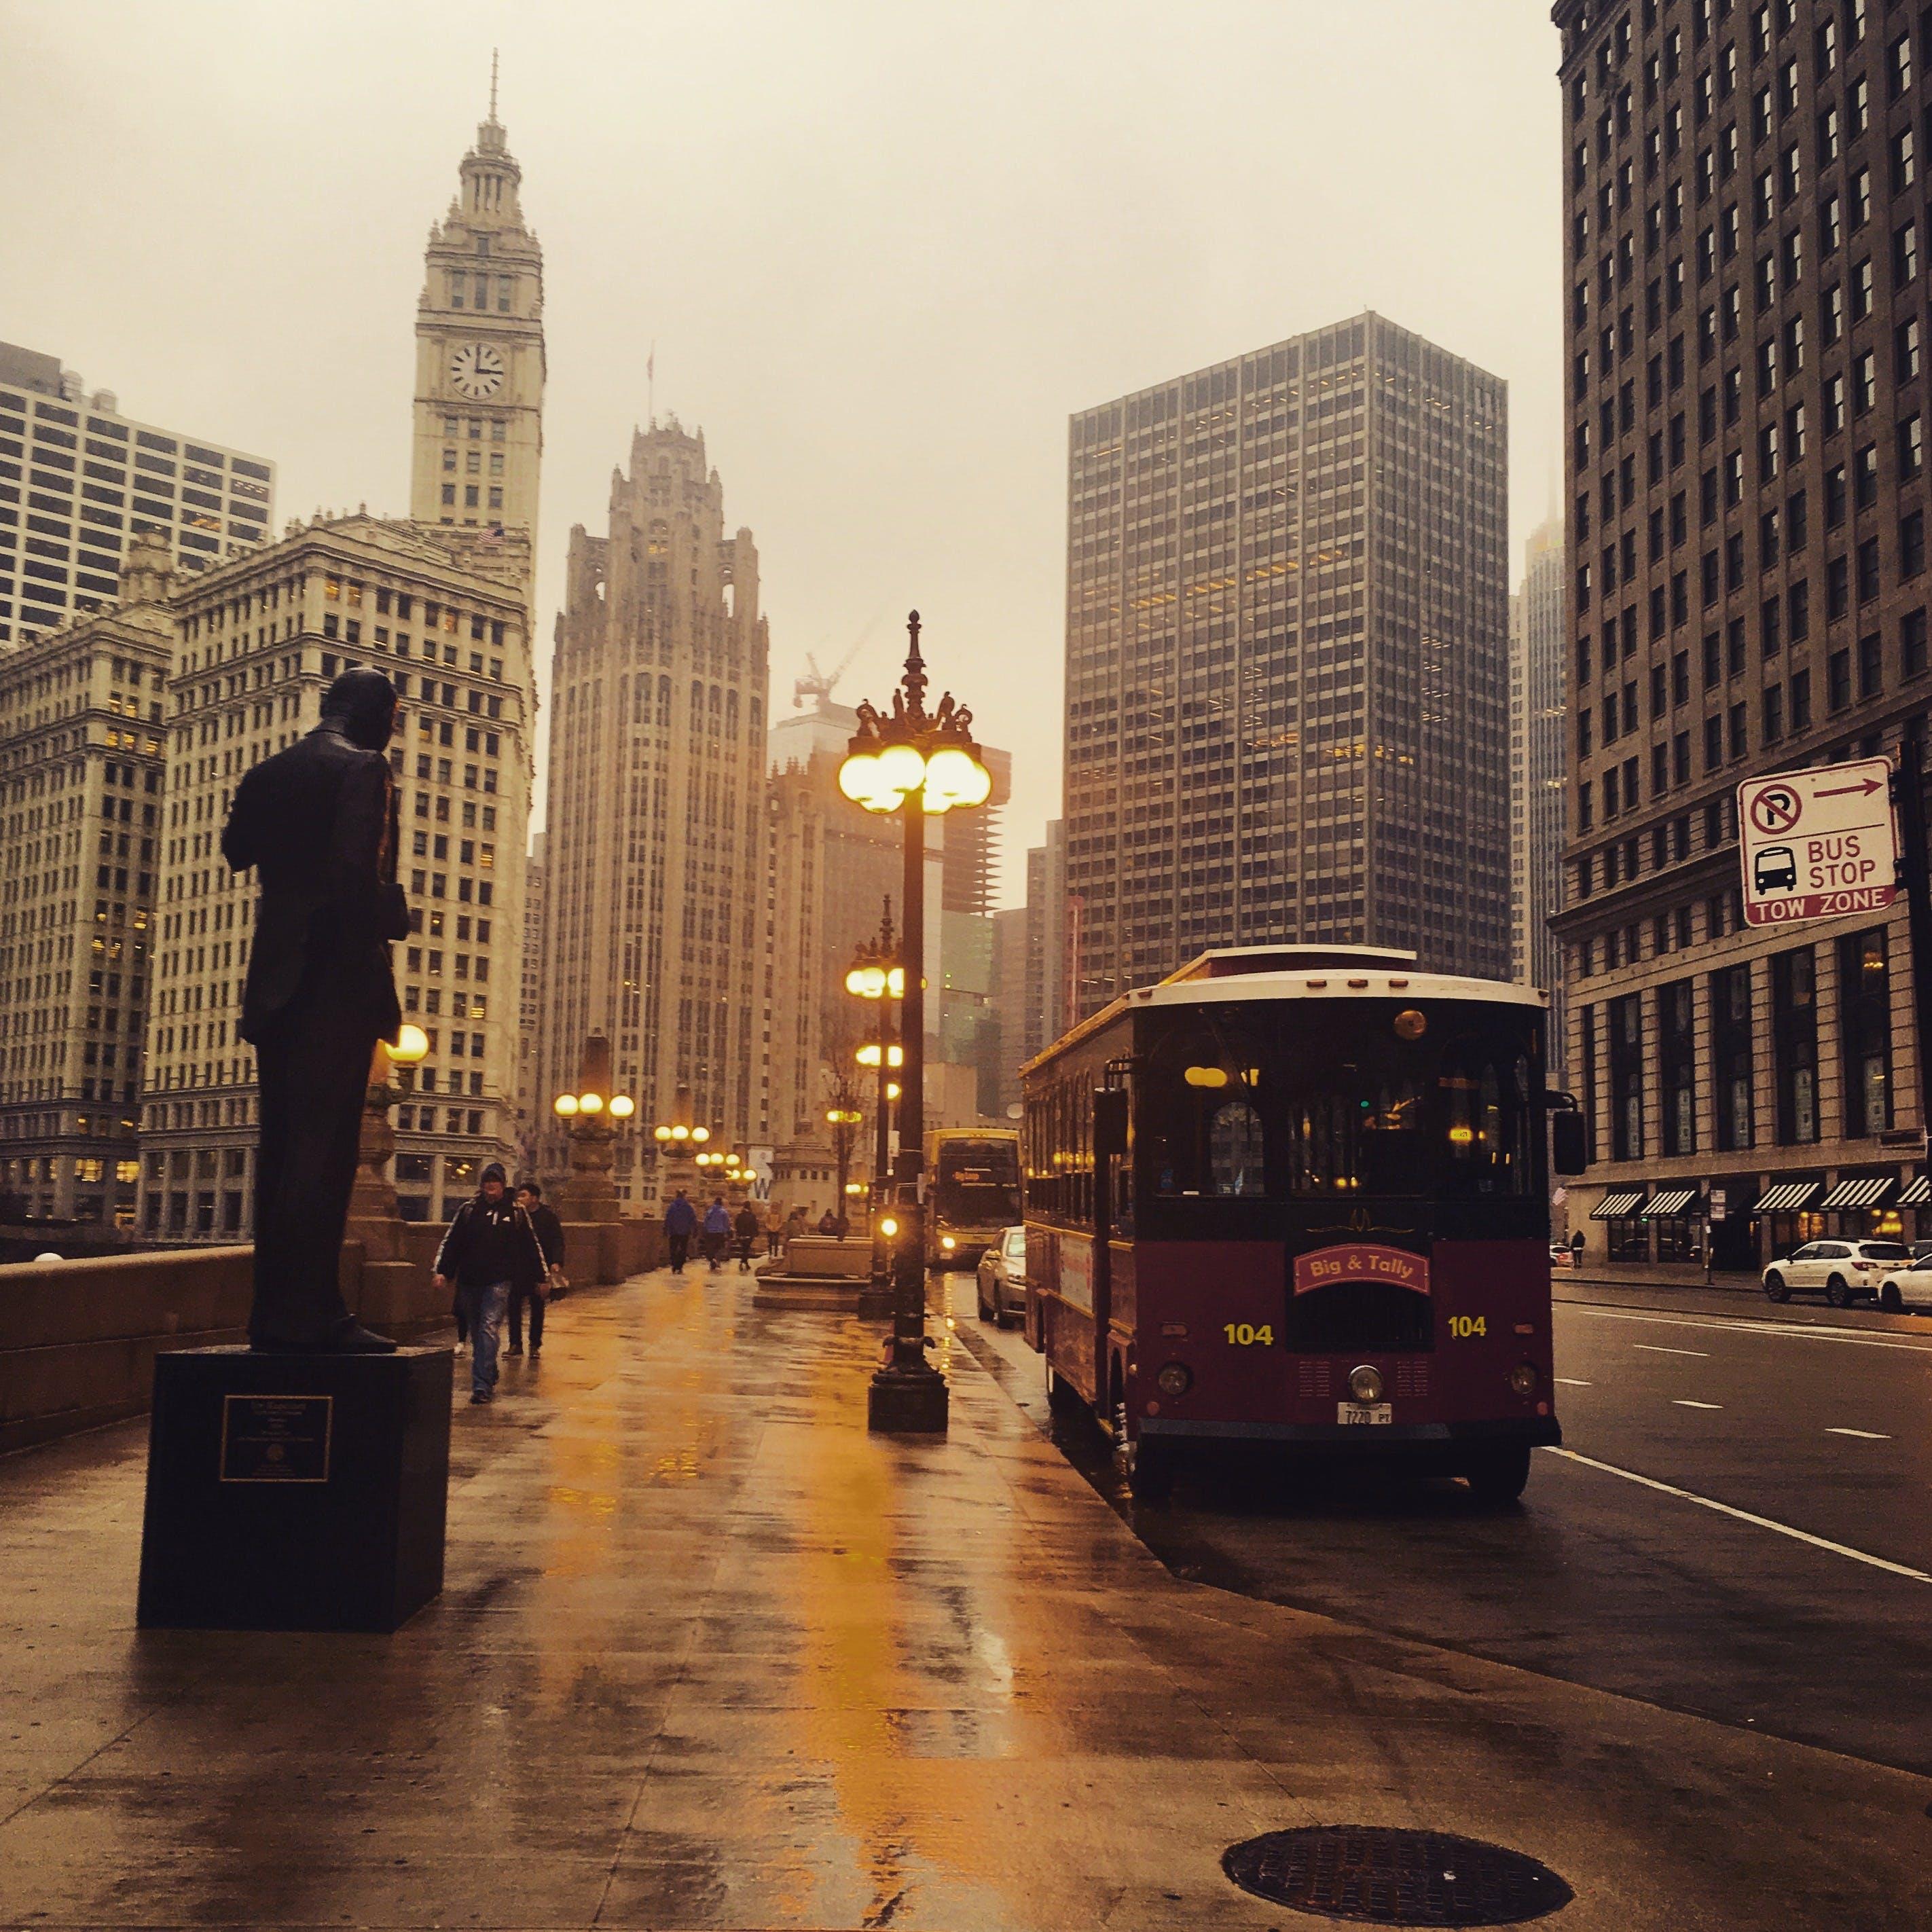 シカゴ, シティ, スカイライン, ダウンタウンの無料の写真素材